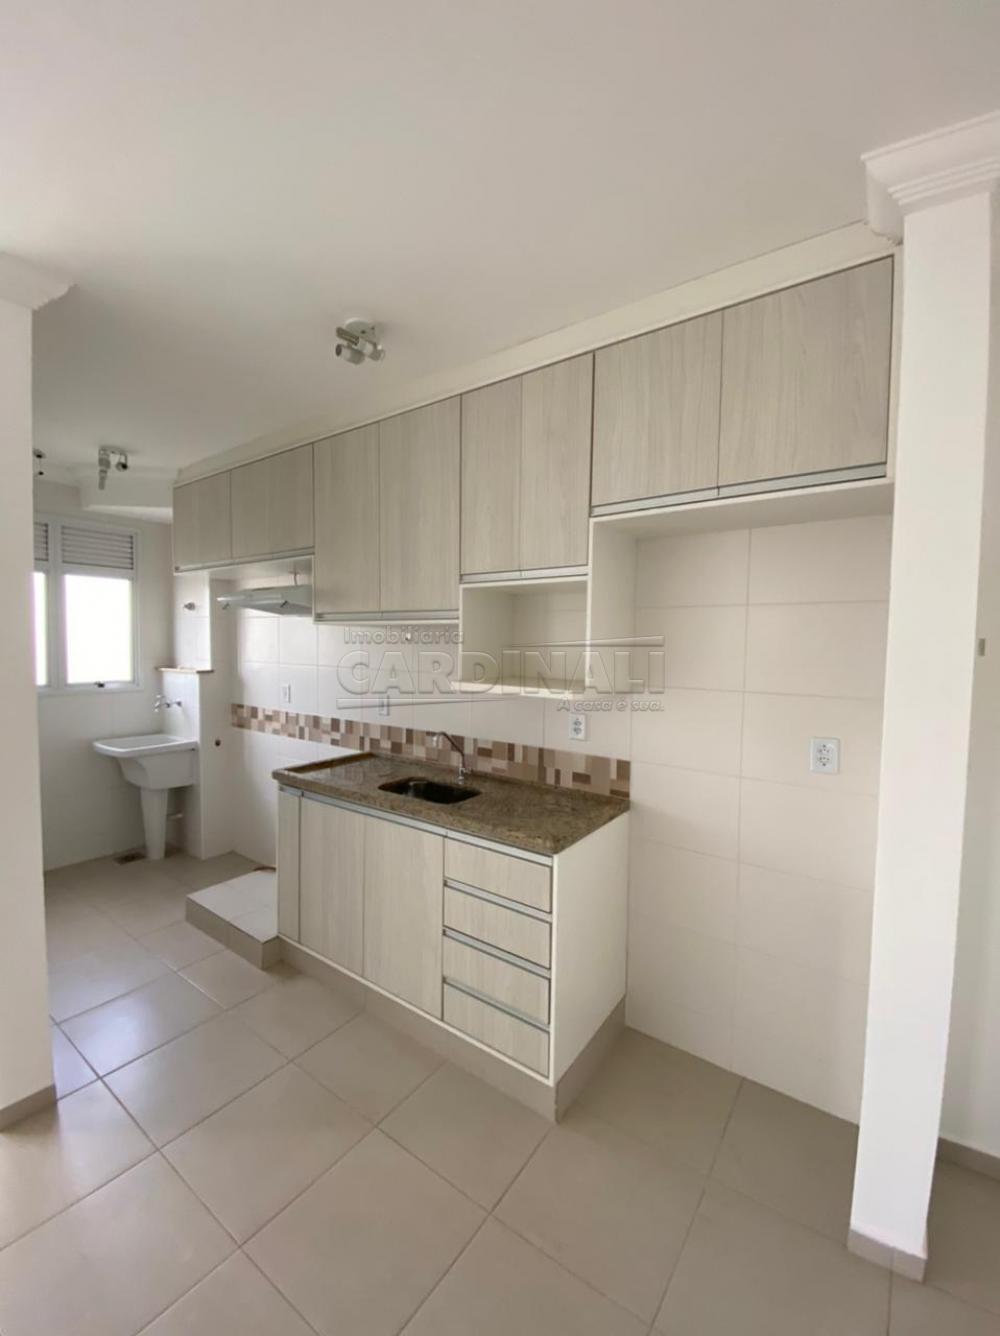 Alugar Apartamento / Padrão em São Carlos R$ 1.700,00 - Foto 9